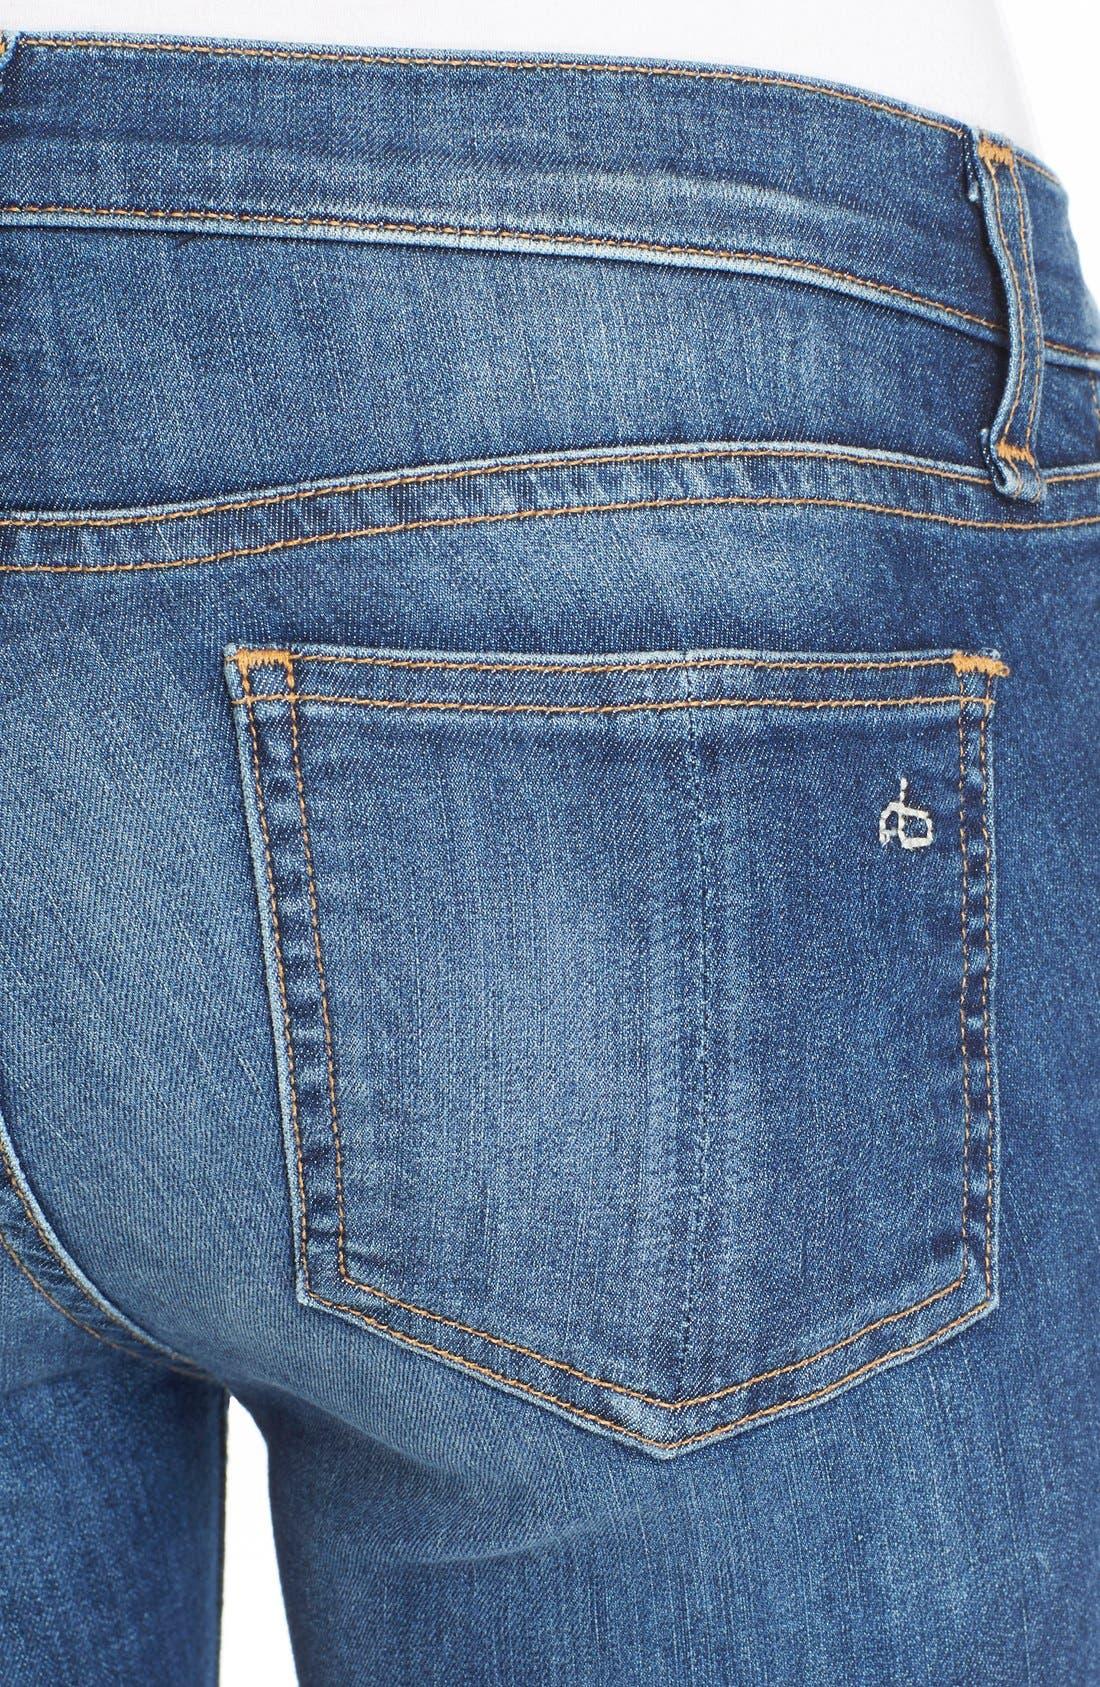 Capri Crop Skinny Jeans,                             Alternate thumbnail 6, color,                             RAE